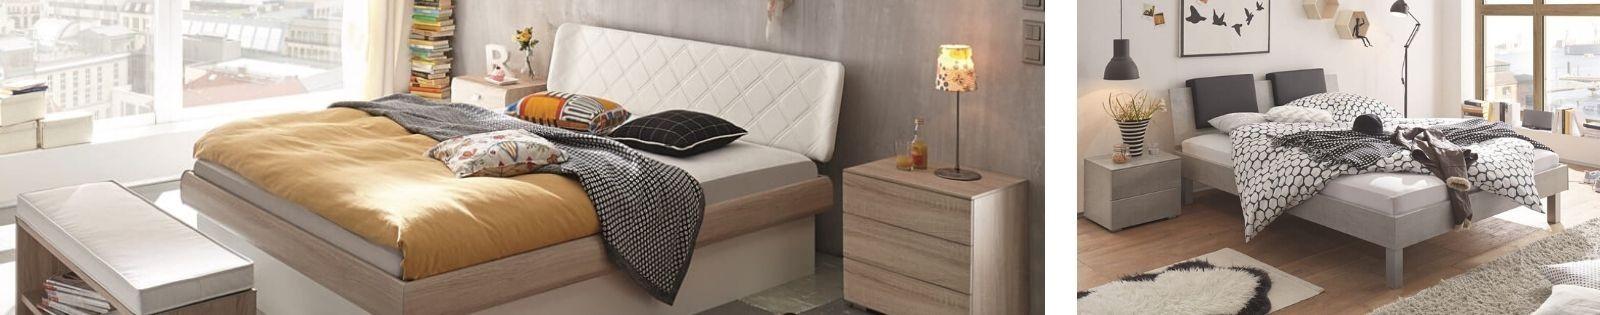 HASENA : GAMME SOFT LINE. Meubles pour votre chambre de qualité.